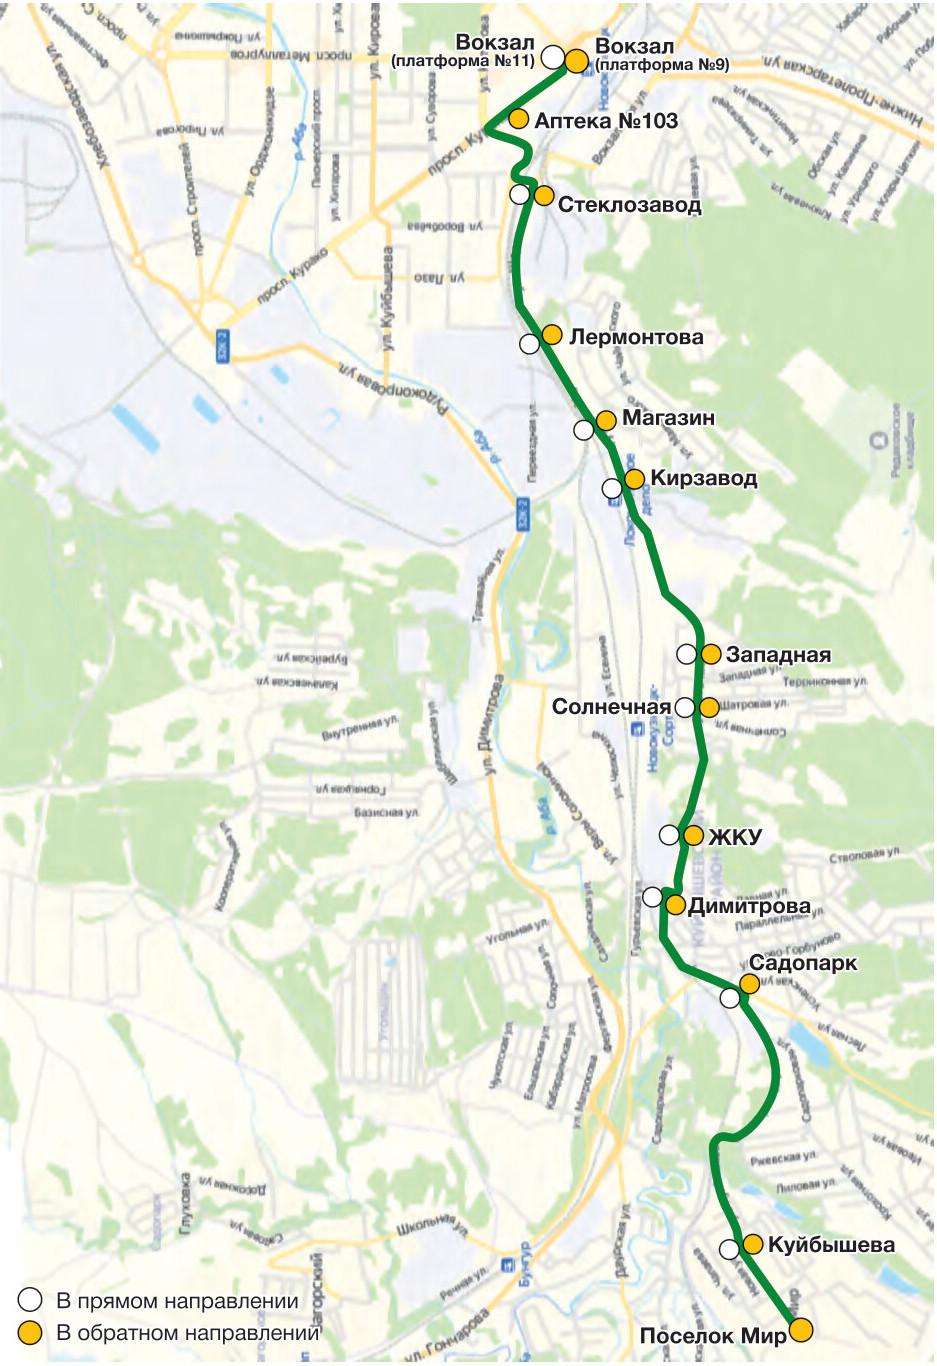 Автобус №68 ВОКЗАЛ - ПОСЕЛОК МИР | Расписание и маршрут движения